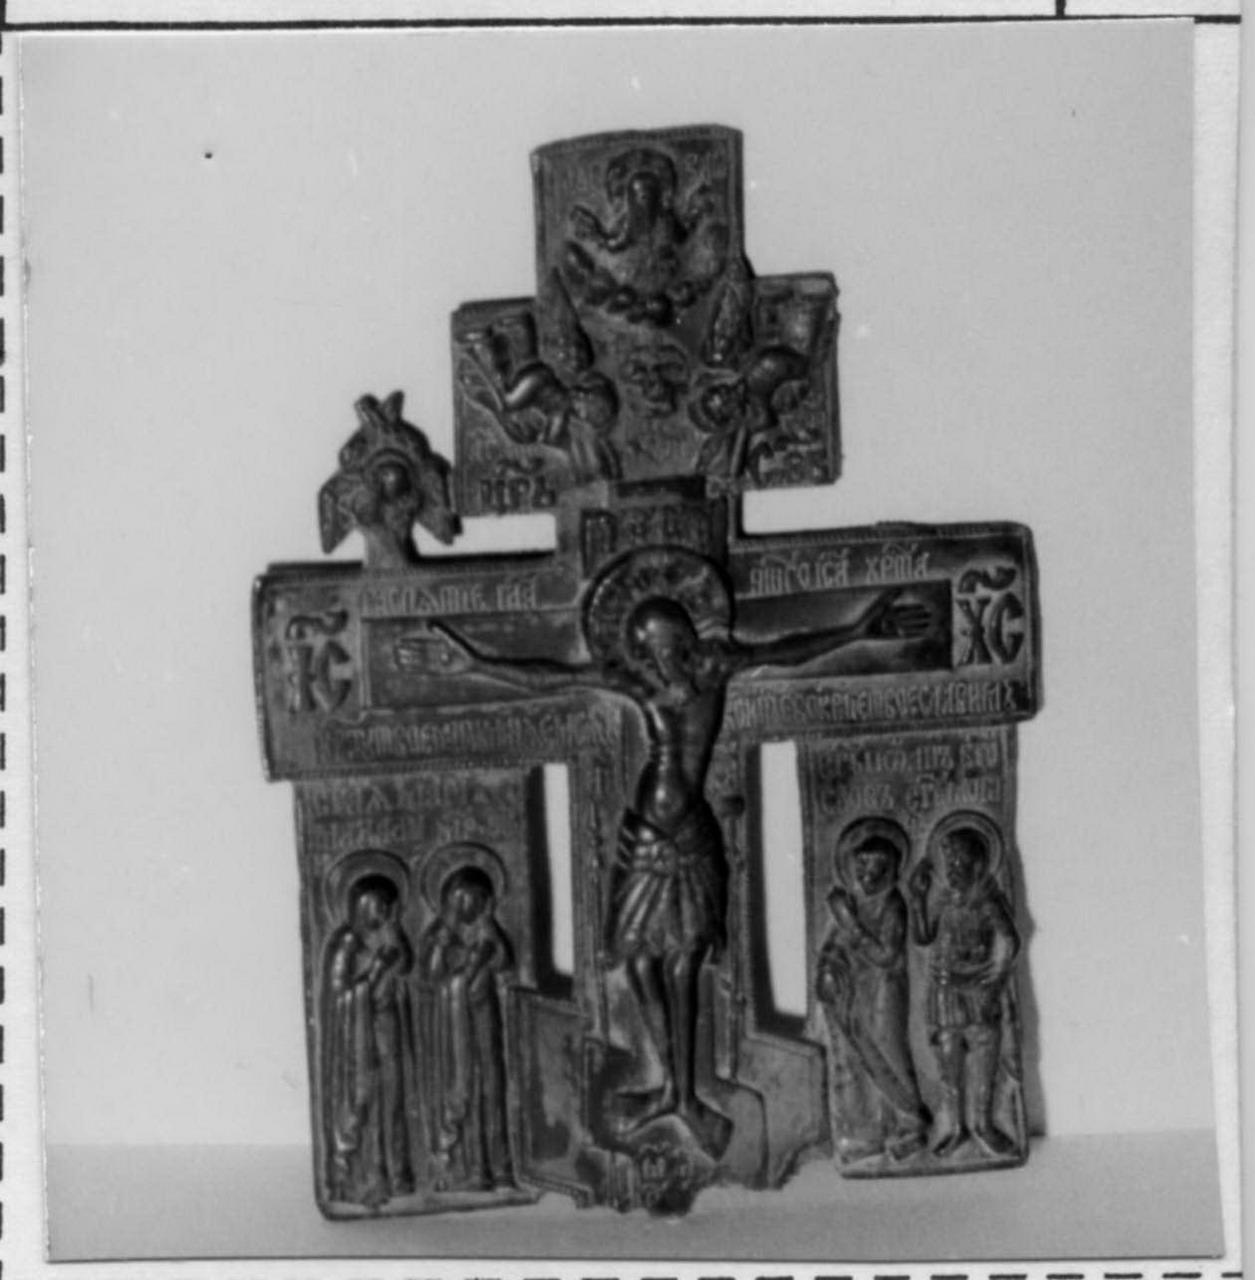 crocifissione (croce processionale) - bottega turca (fine/inizio secc. XVII/ XVIII)